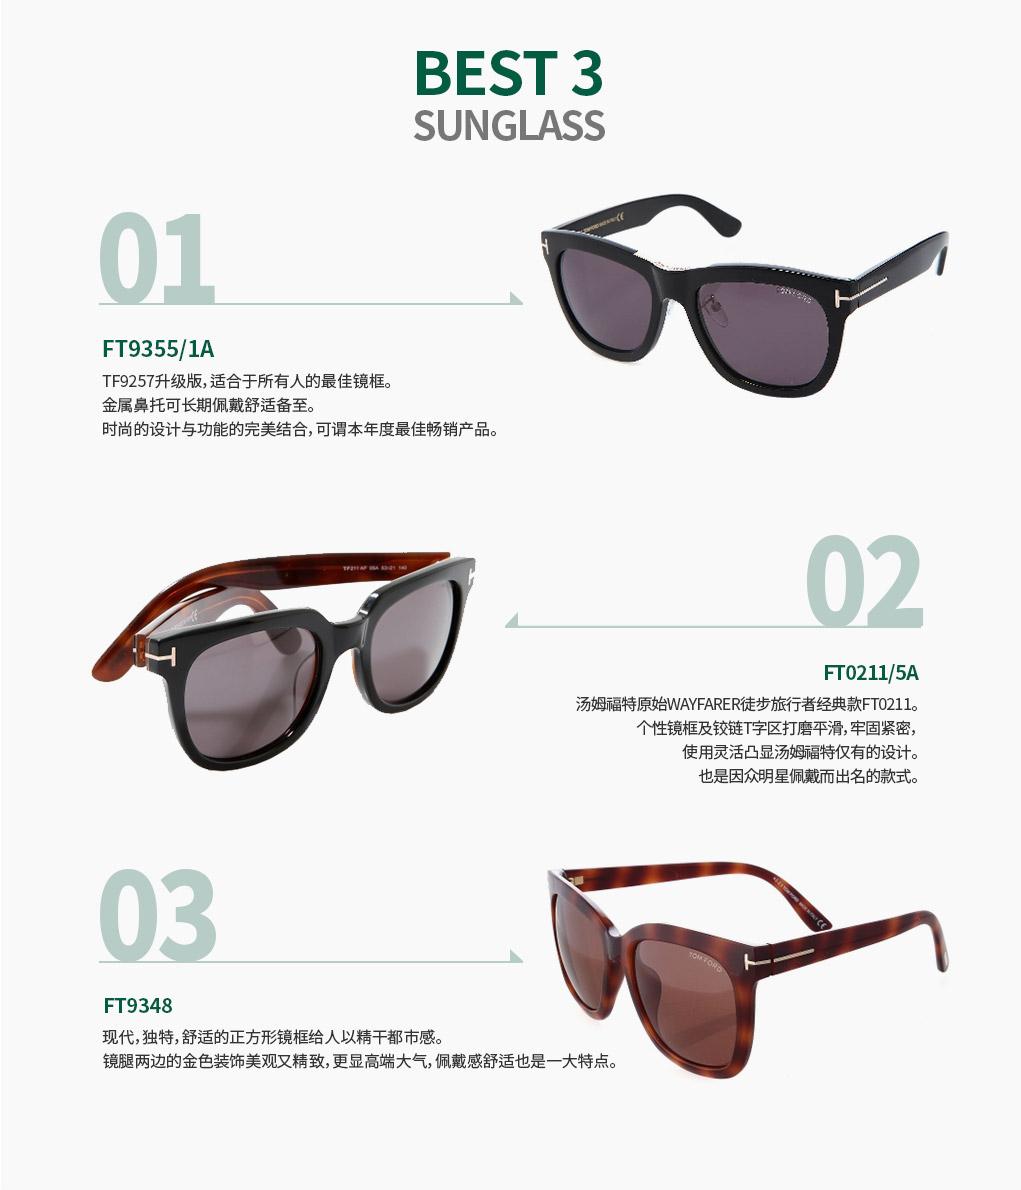 best3 sunglass